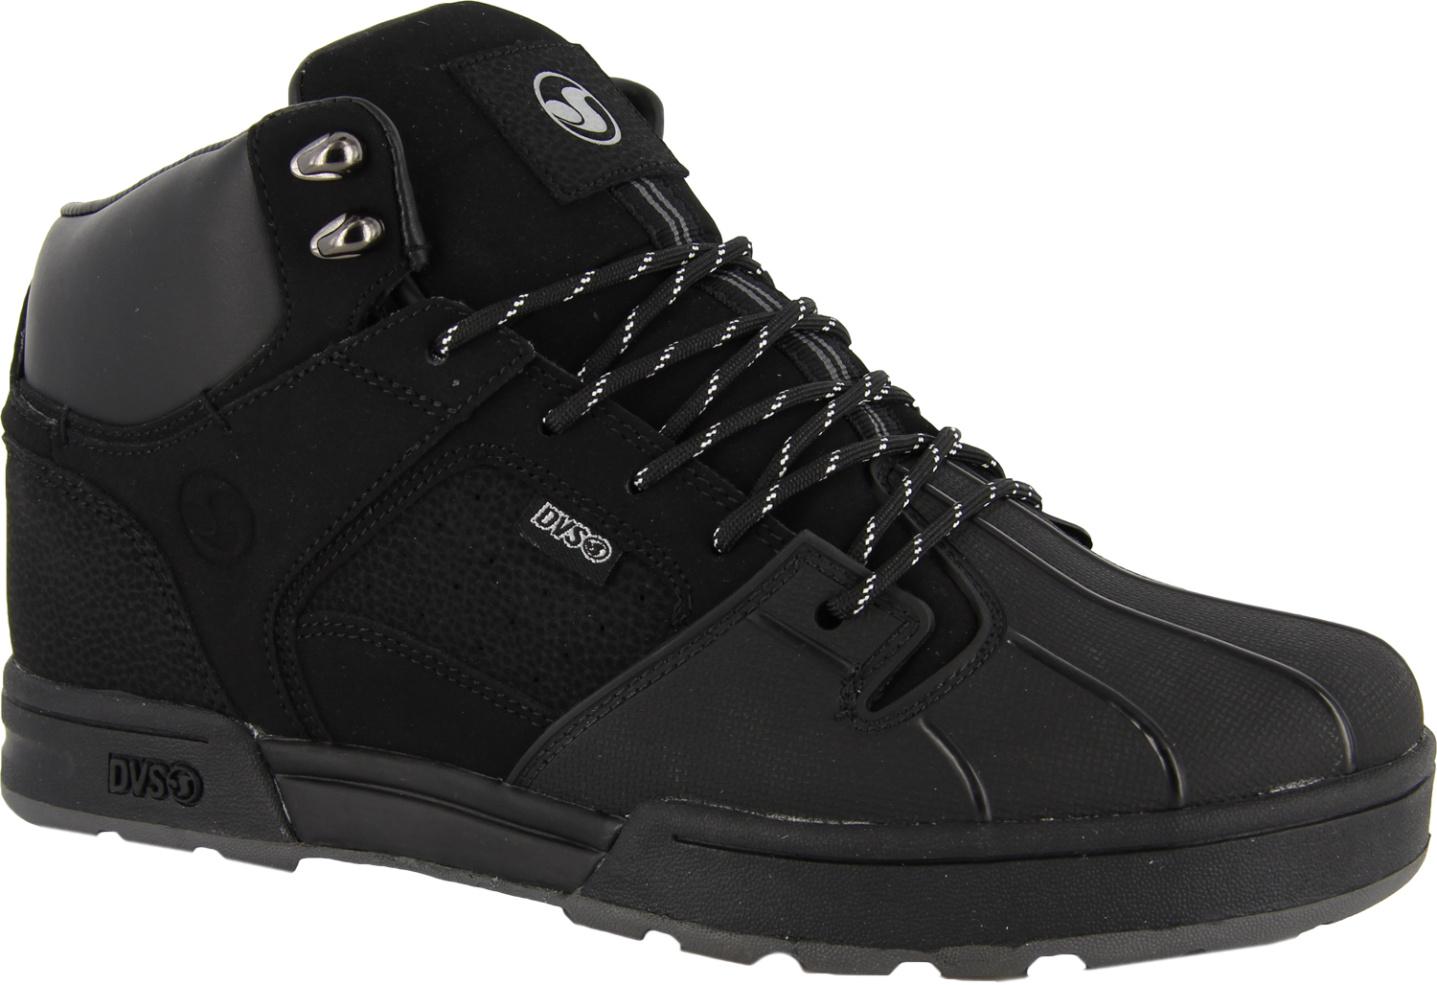 pánské zimní boty DVS D/S/ WESTRIDGE BLACK NUBUCK